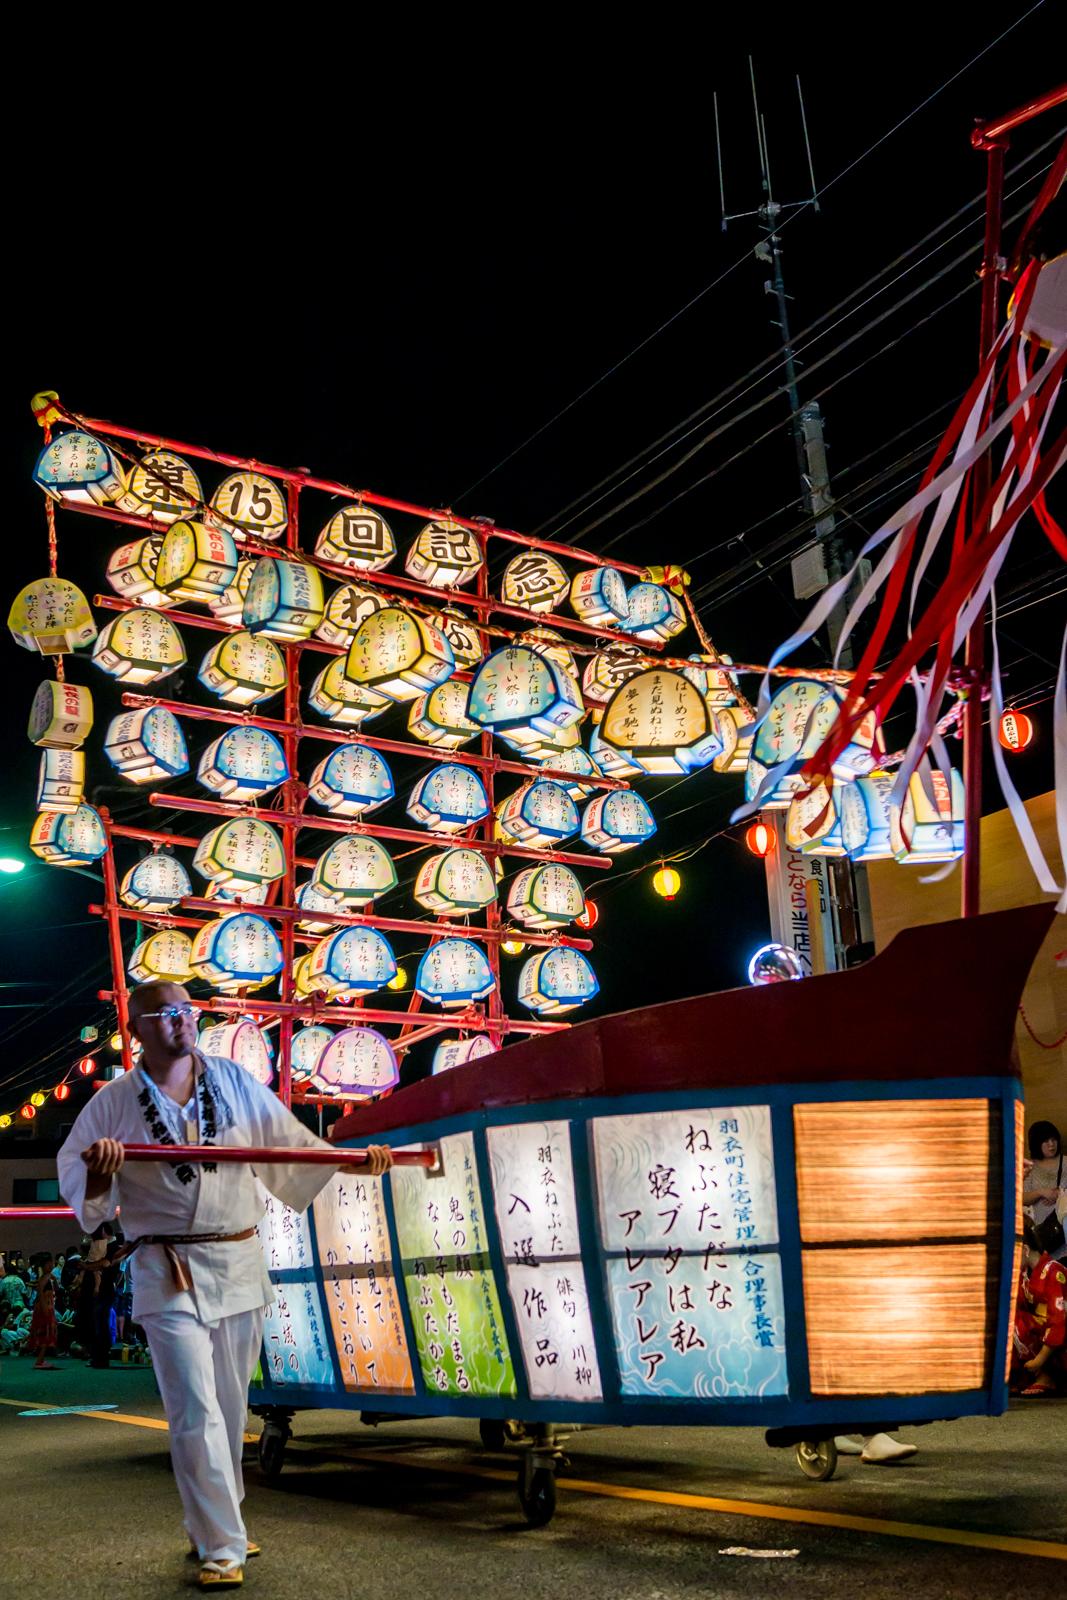 立川、羽衣ねぶた祭 宝船の山車の写真